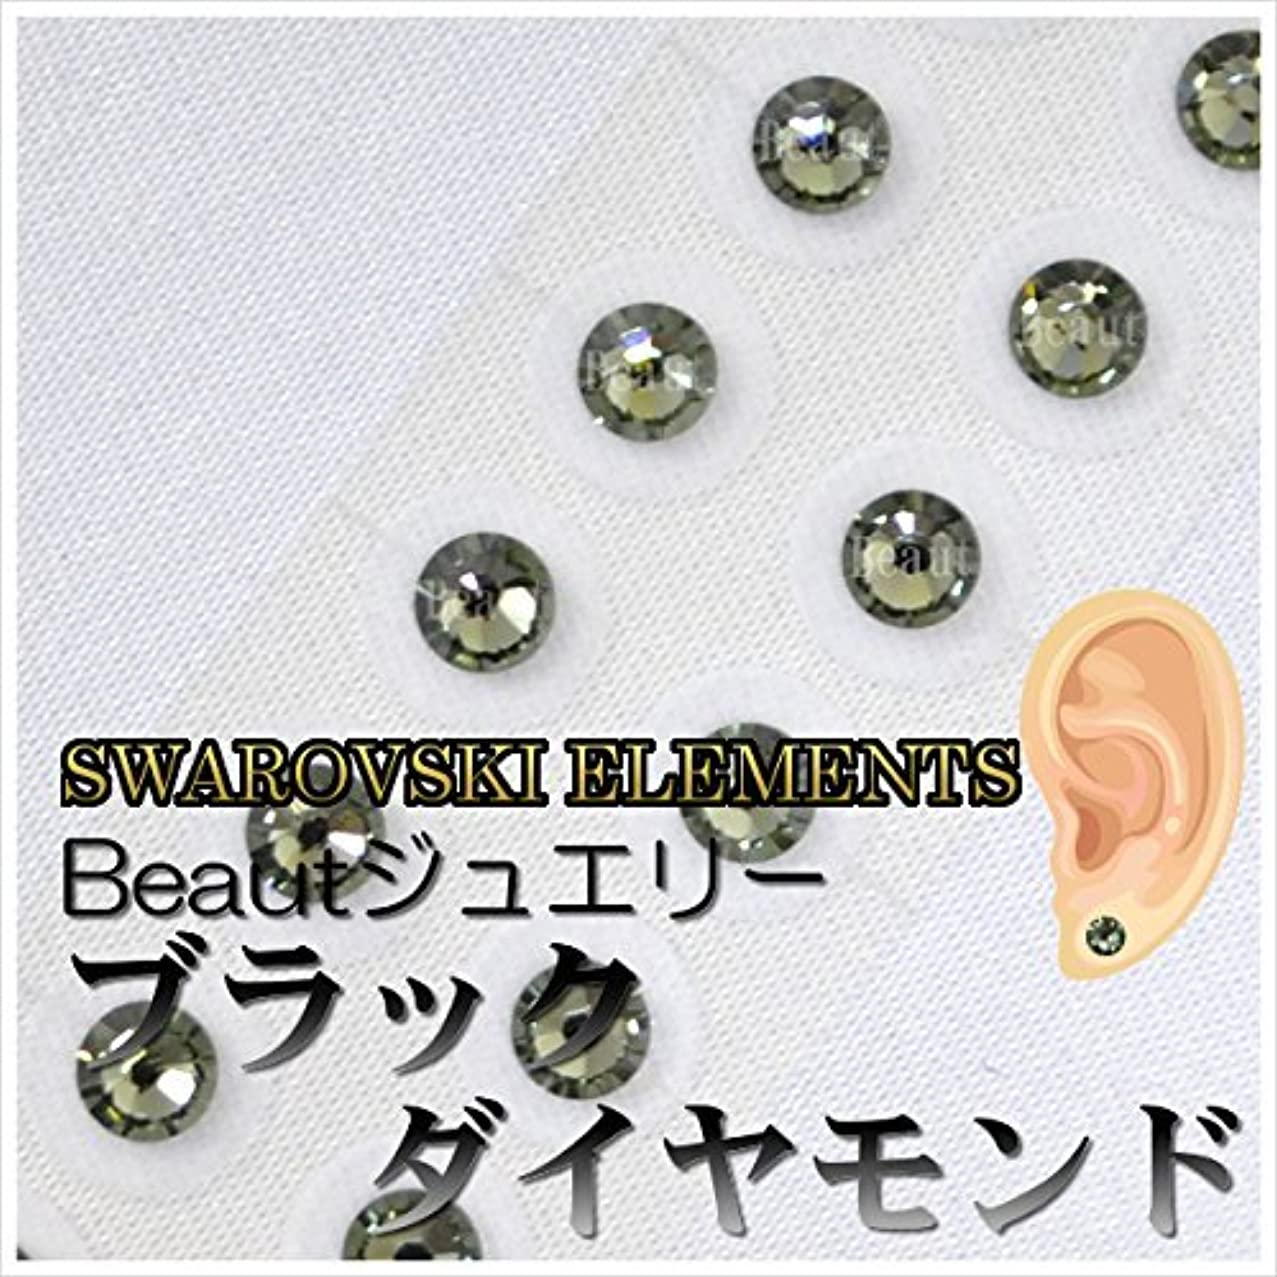 取り替えるスコアムスタチオアレルギーフリー耳つぼジュエリー(1シート20粒)ブラックダイアモンドー全3サイズー粘着強化耳ツボシール (L ss16 約4mm)